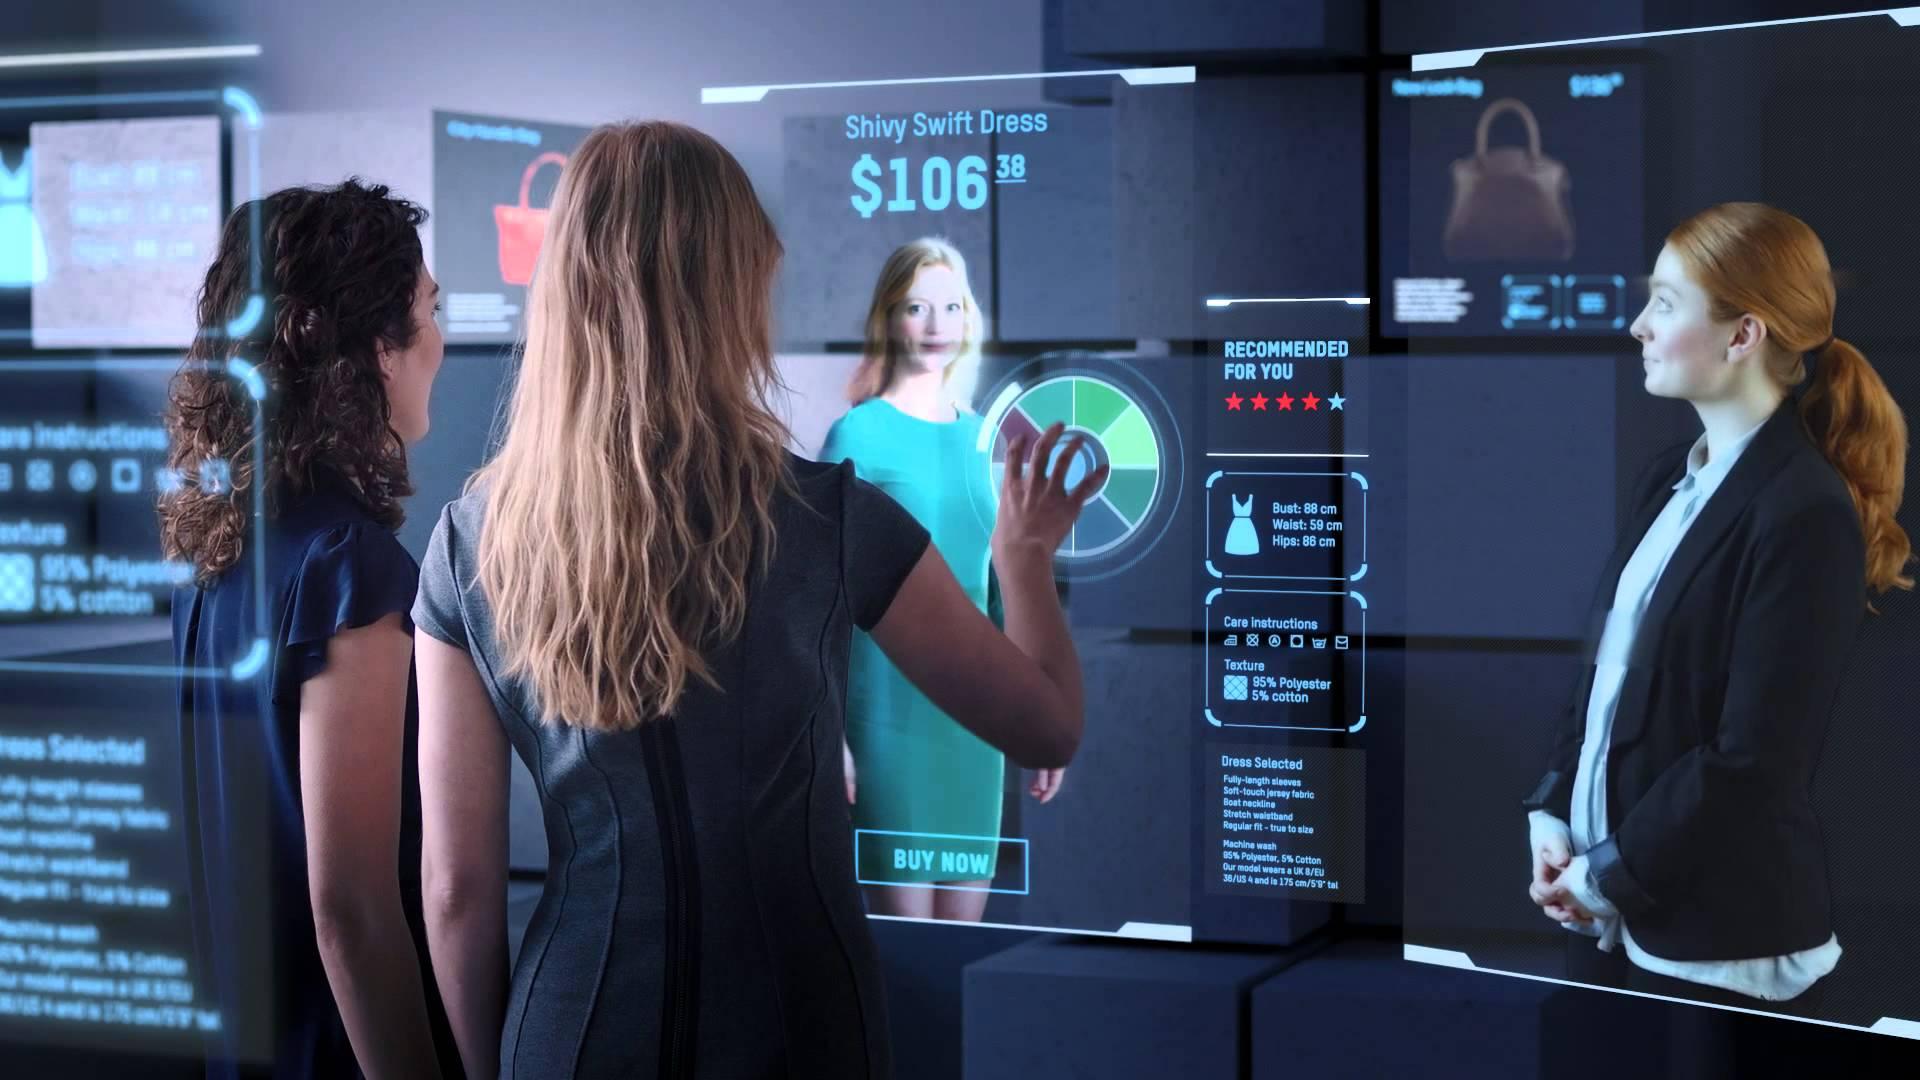 tecnologia en punto de venta 1 - ¿Qué soluciones tecnológicas ayudan a transformar la experiencia de compras en las tiendas de retail?